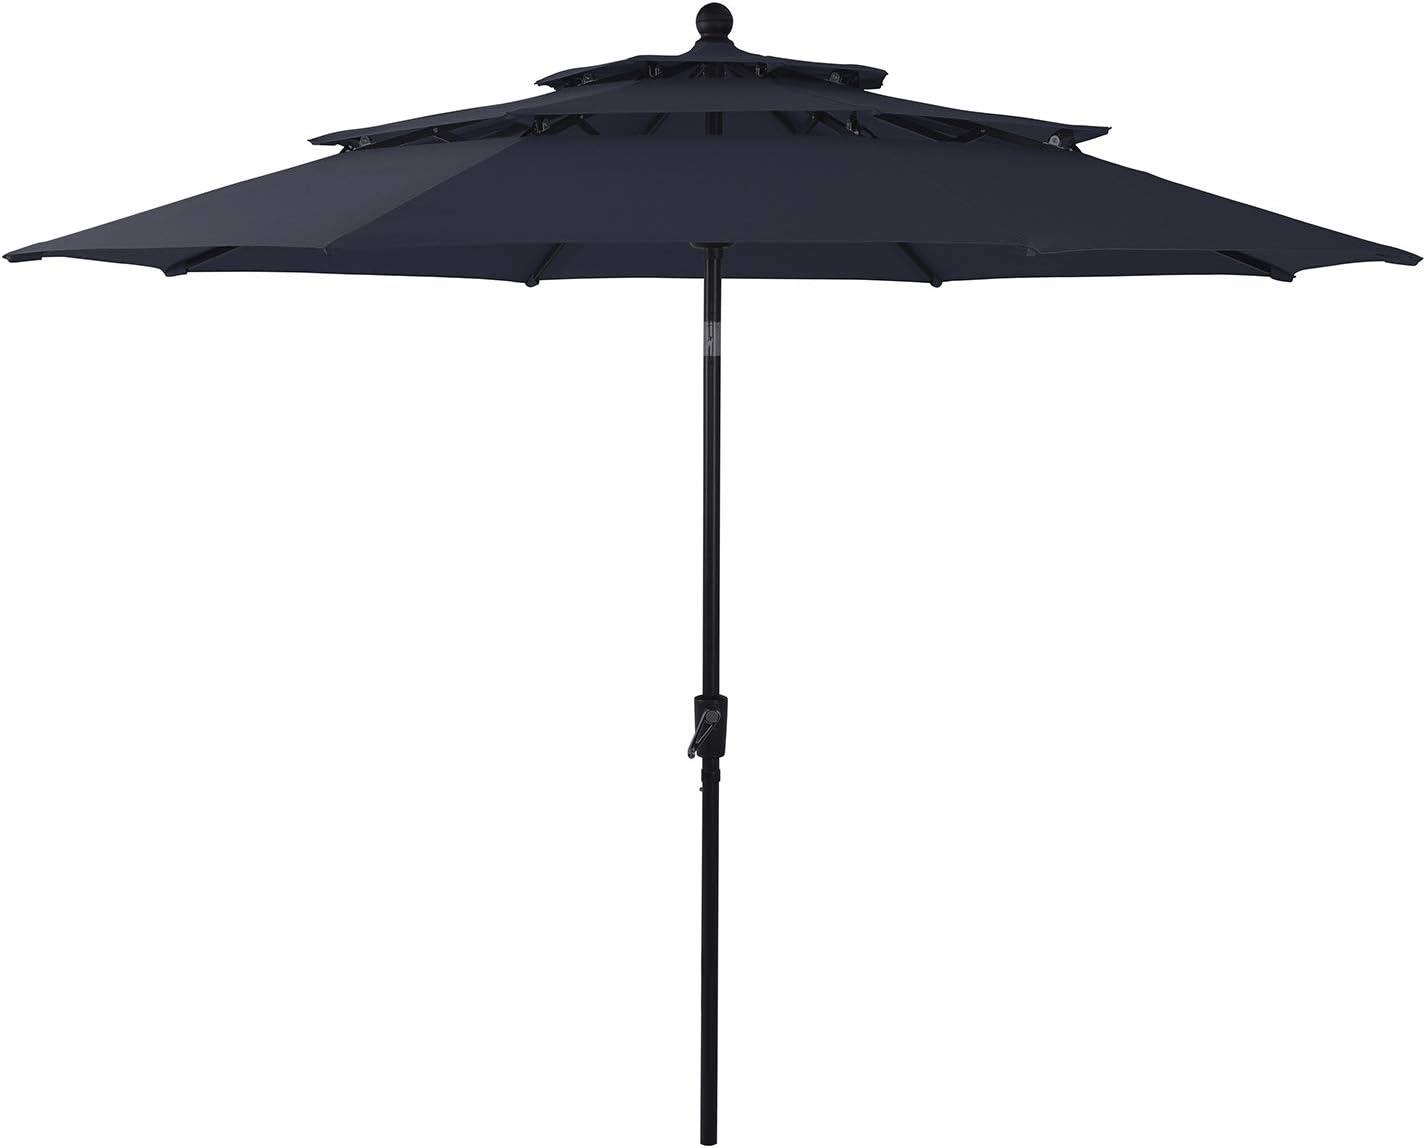 Sophia William 10ft 3 Tier Auto-tilt Patio Umbrella Outdoor Double Vented Umbrella